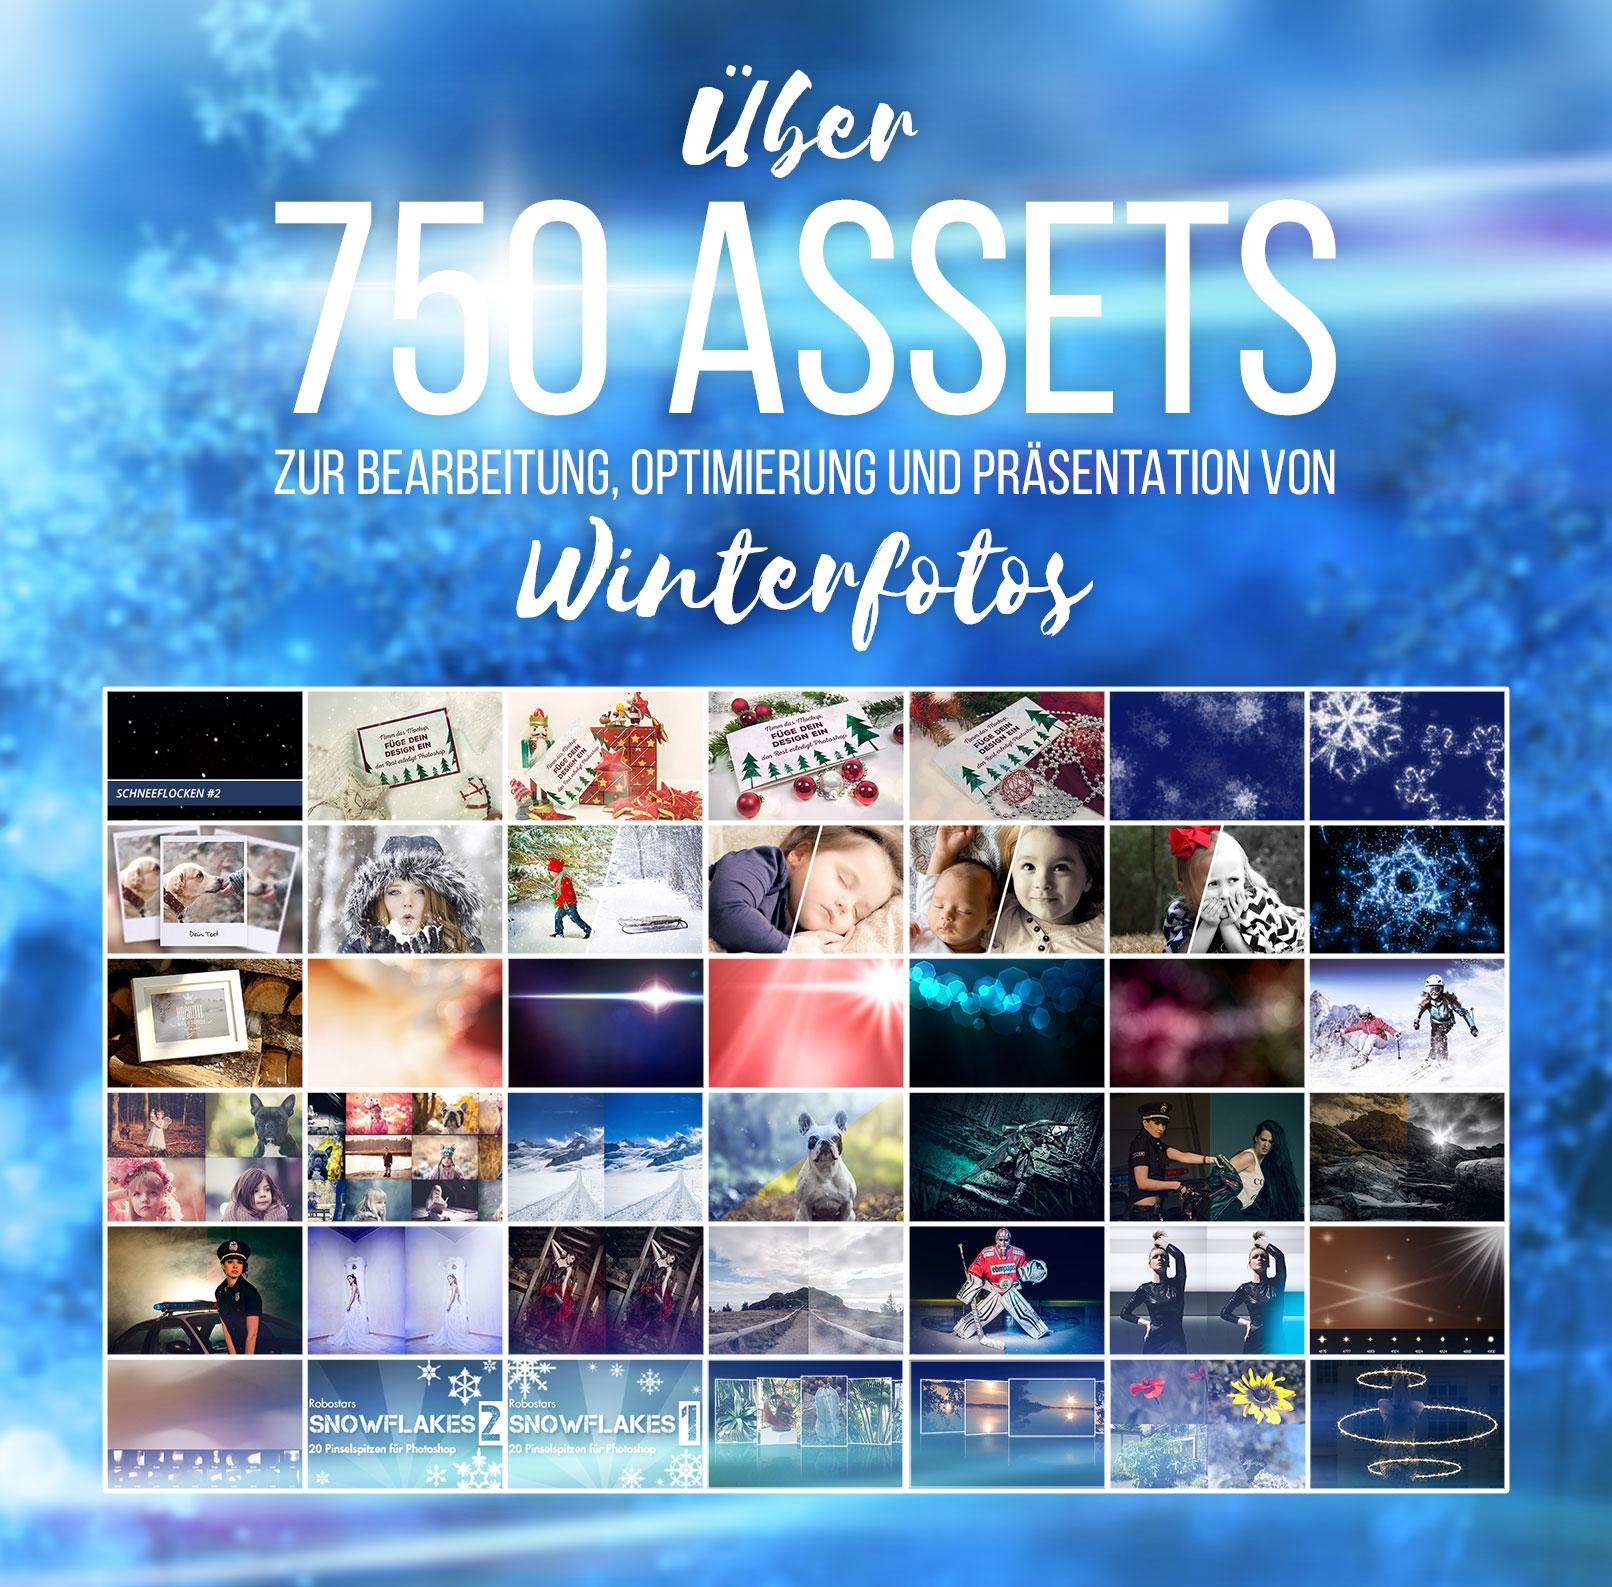 Beispiele aus dem Paket Winterfotografie: Presets, Overlays, Texturen, Aktionen – 750 Assets für coole Winter-Fotos